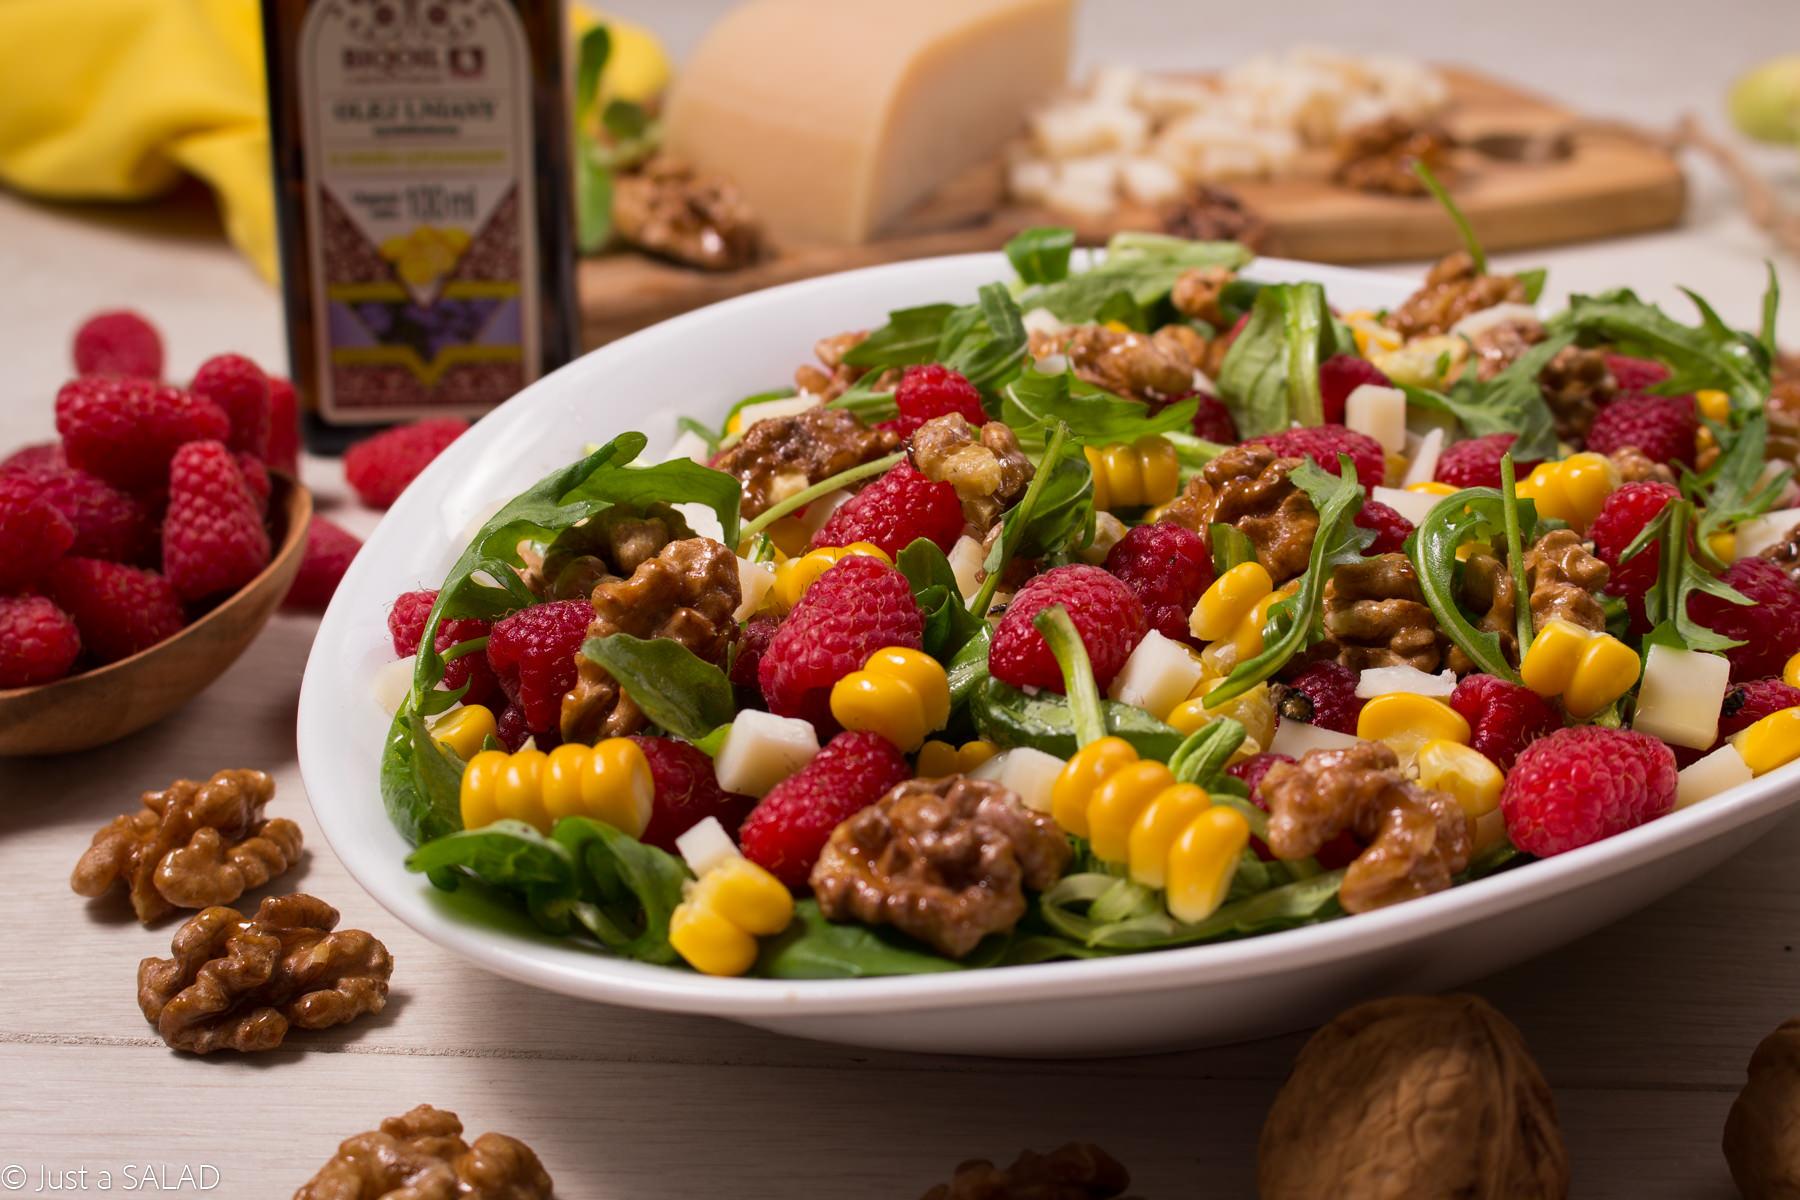 Sałatka z rukolą, malinami, kukurydzą, karmelizowanymi orzechami oraz olejem lnianym o smaku cytryny BIOOIL.